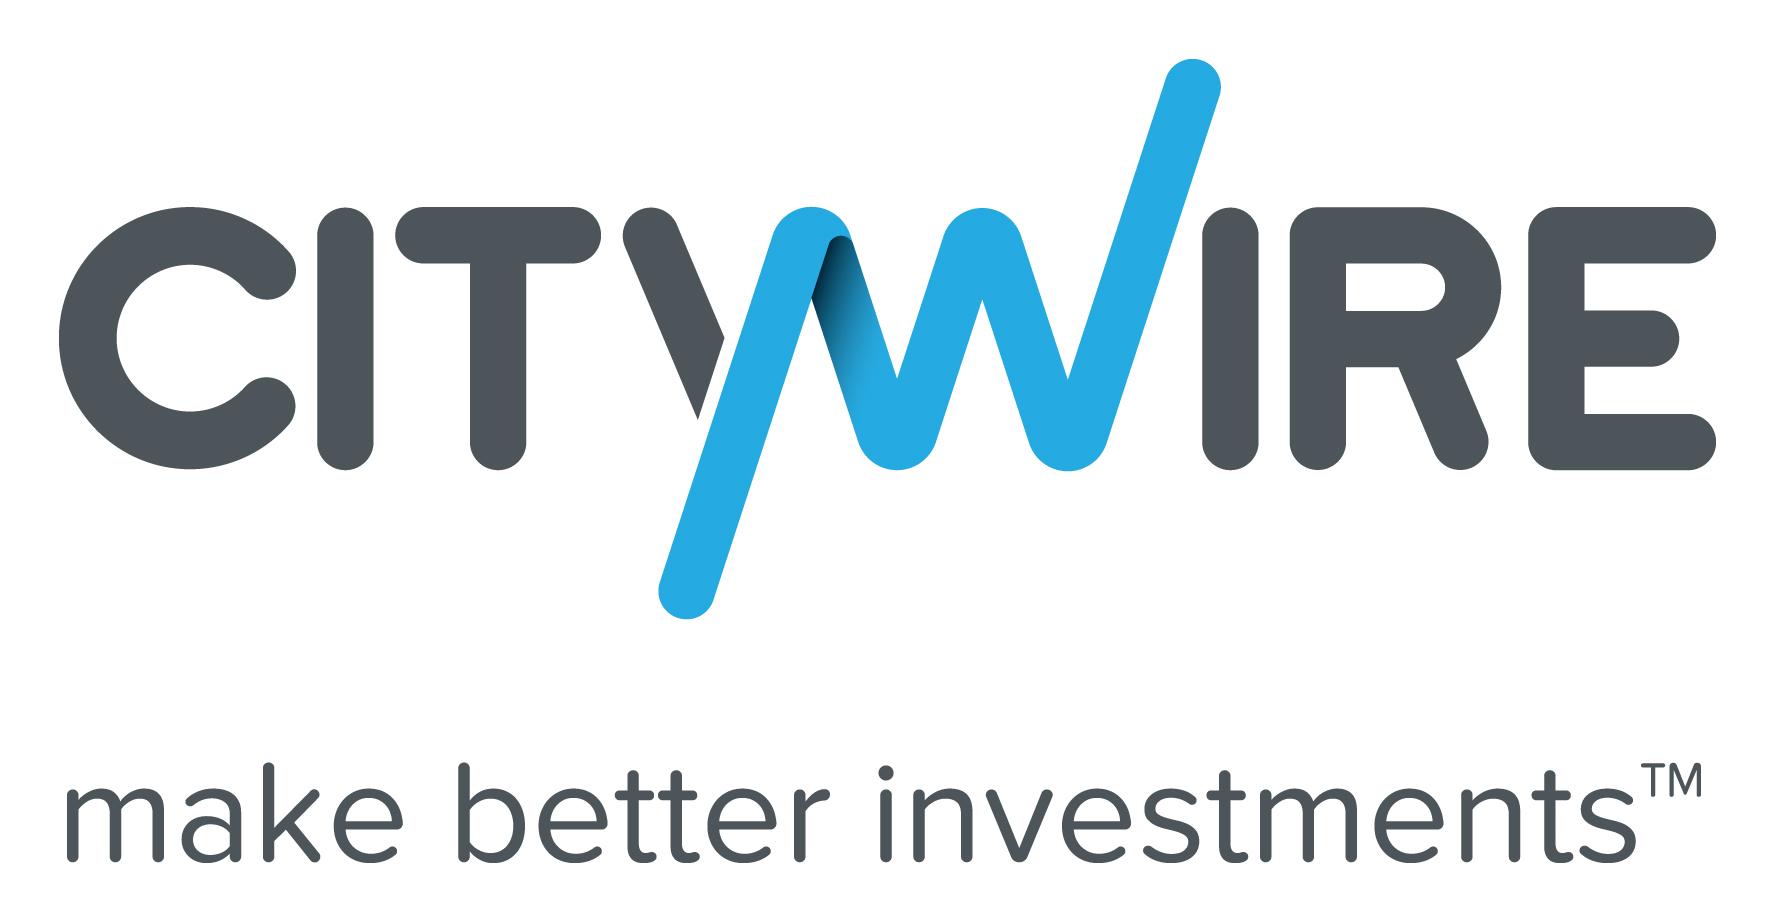 citywire_strapline_logo